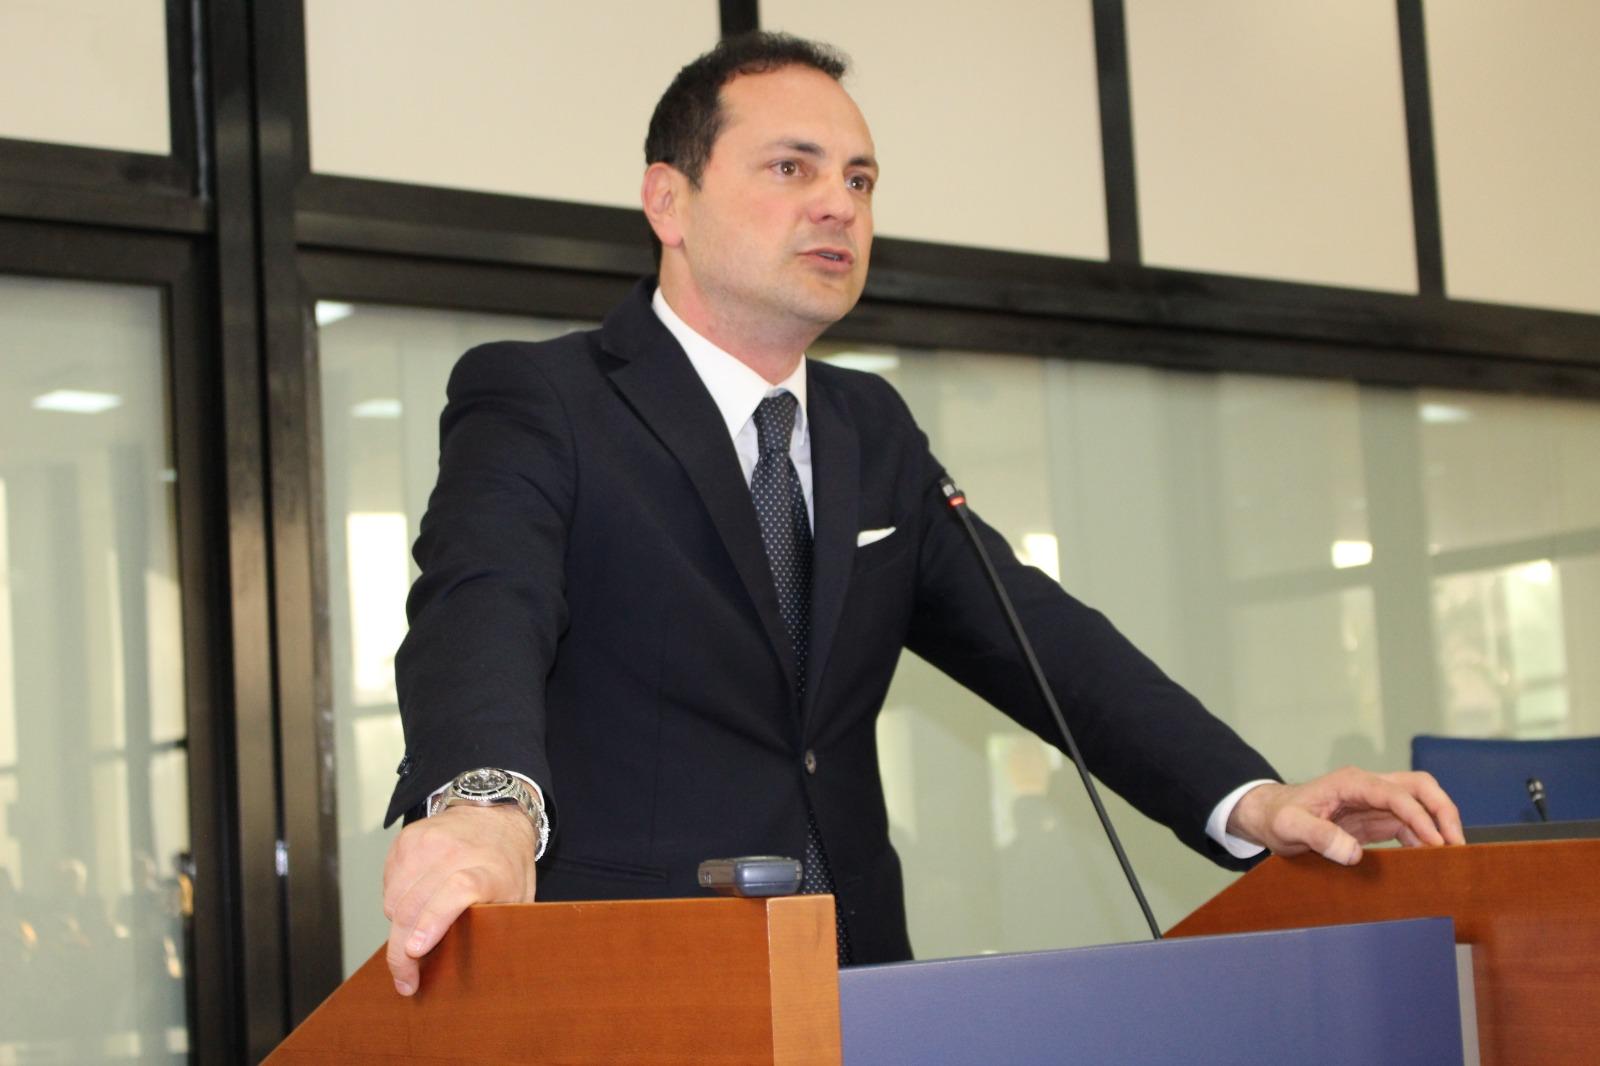 Richiesta di arresti domiciliari per Marco Siclari, avviato l'iter in Senato